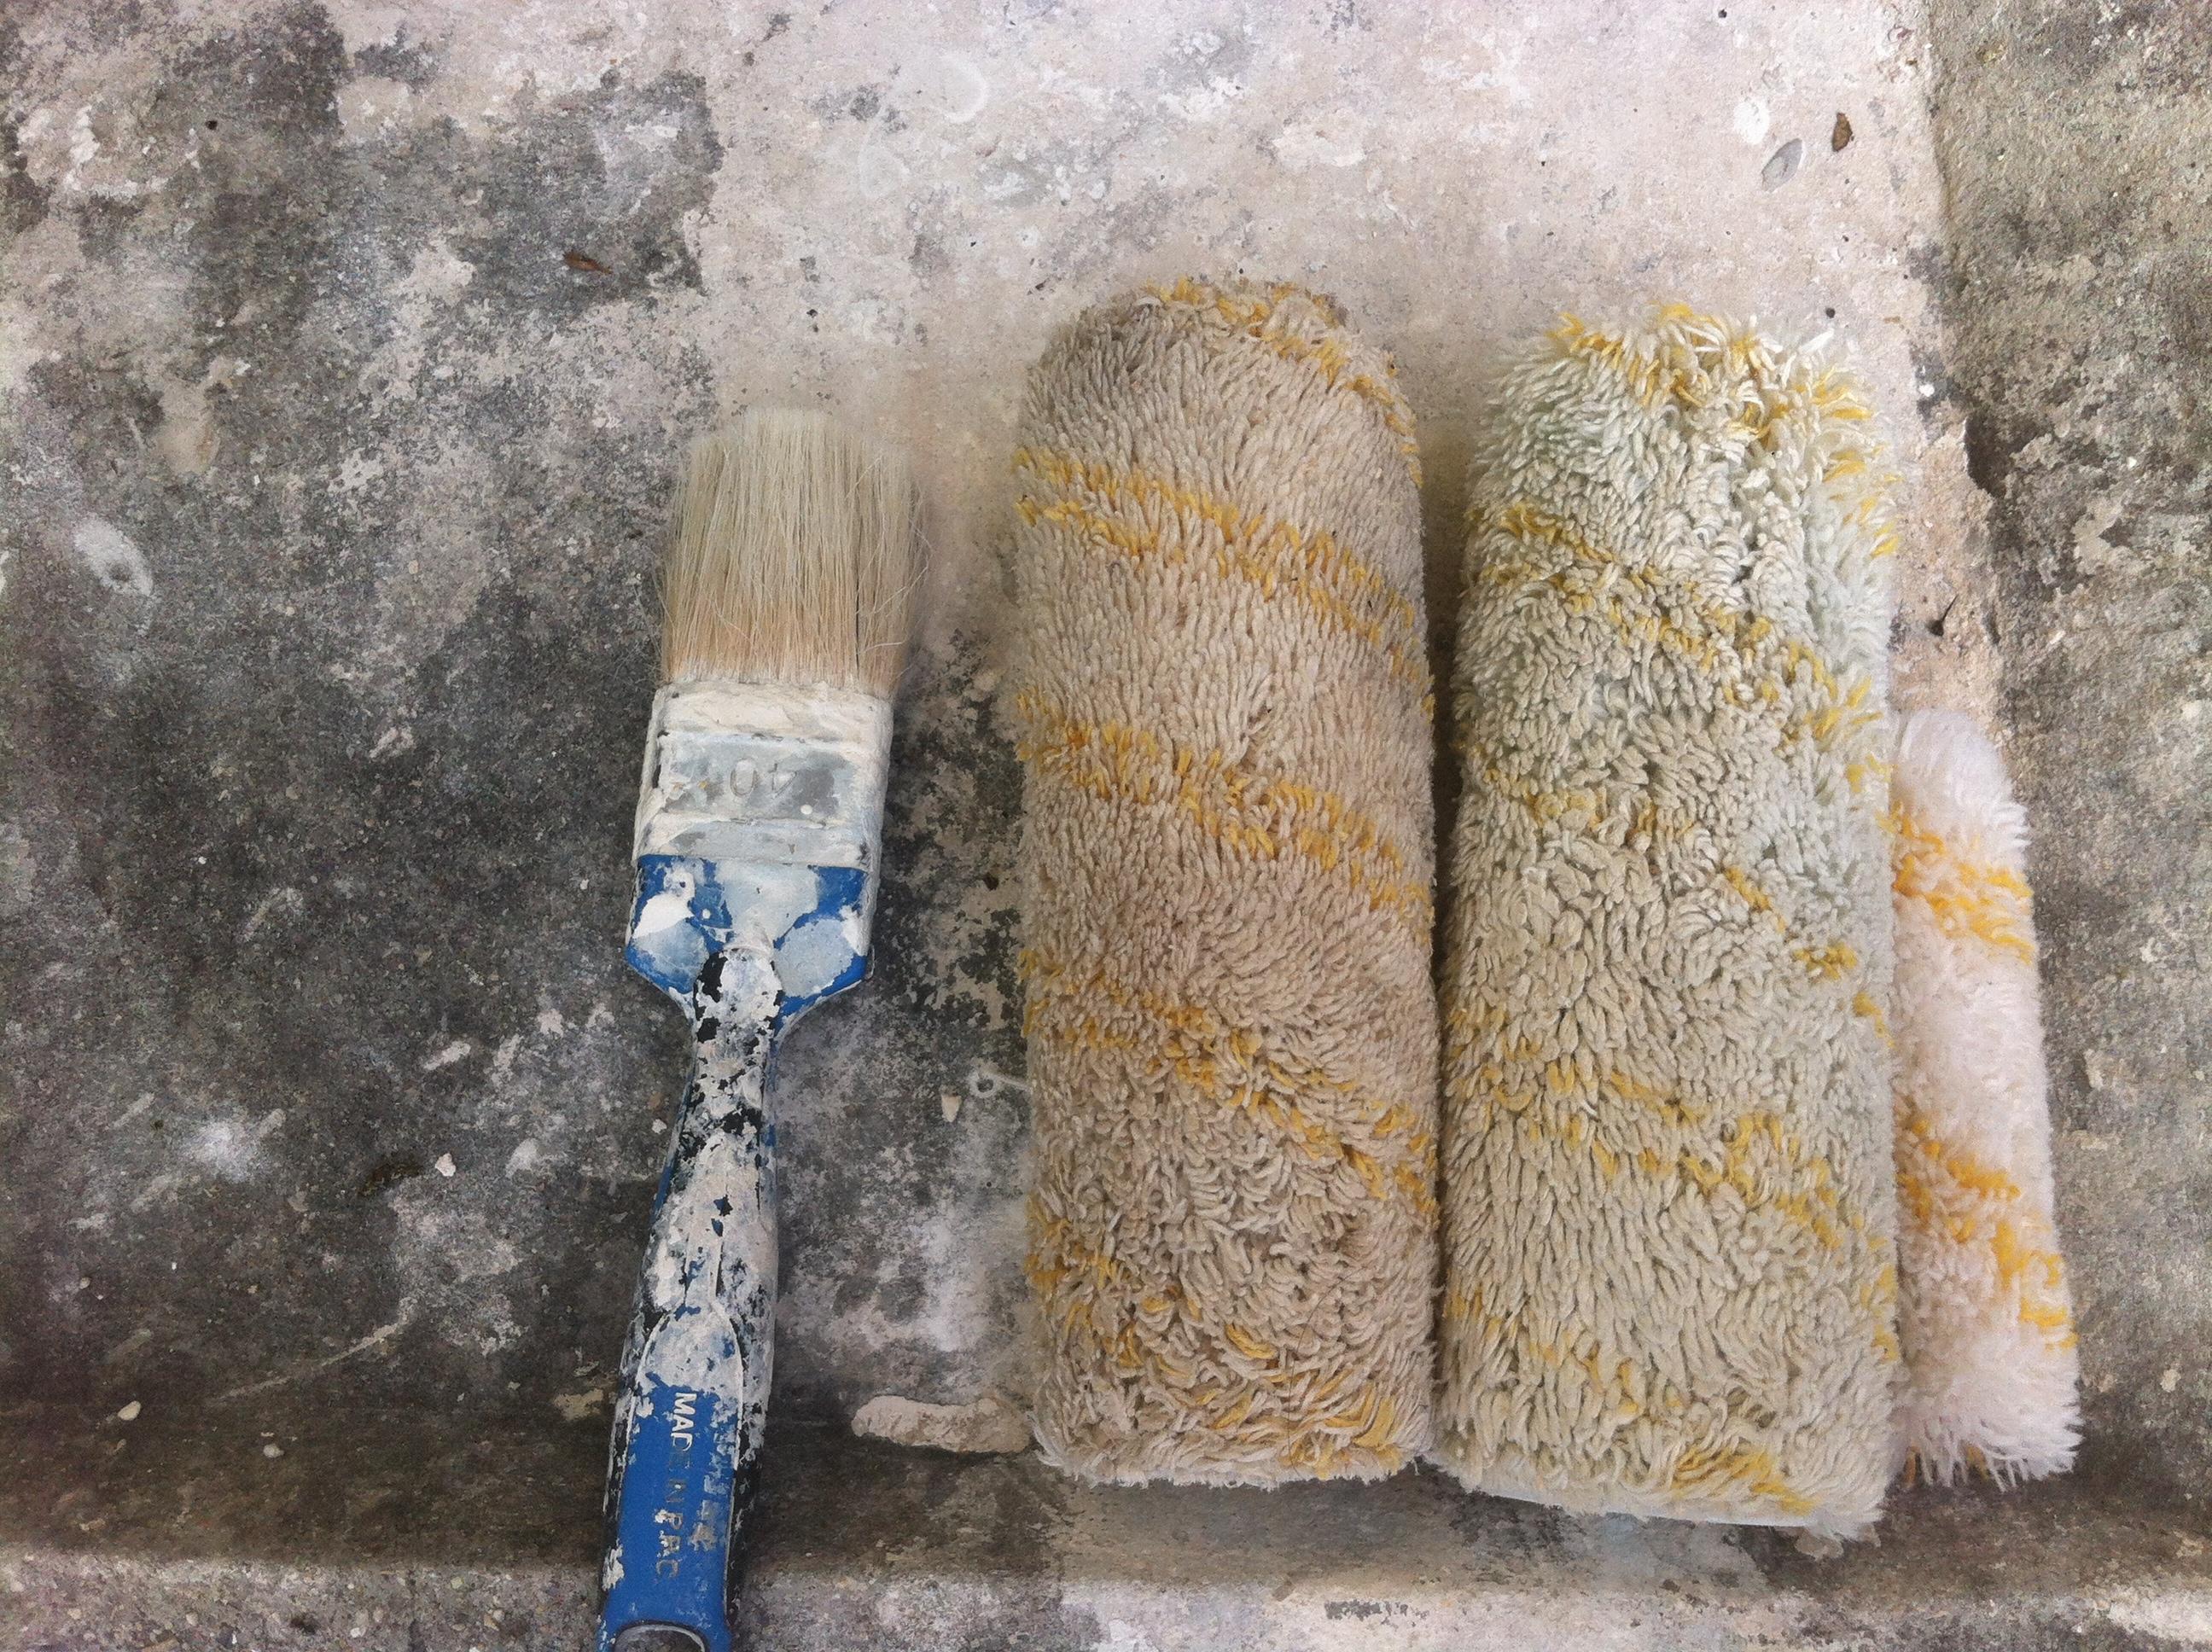 Astuce peinture nettoyer ses pinceaux secs la machine - Peinture pour machine a laver ...